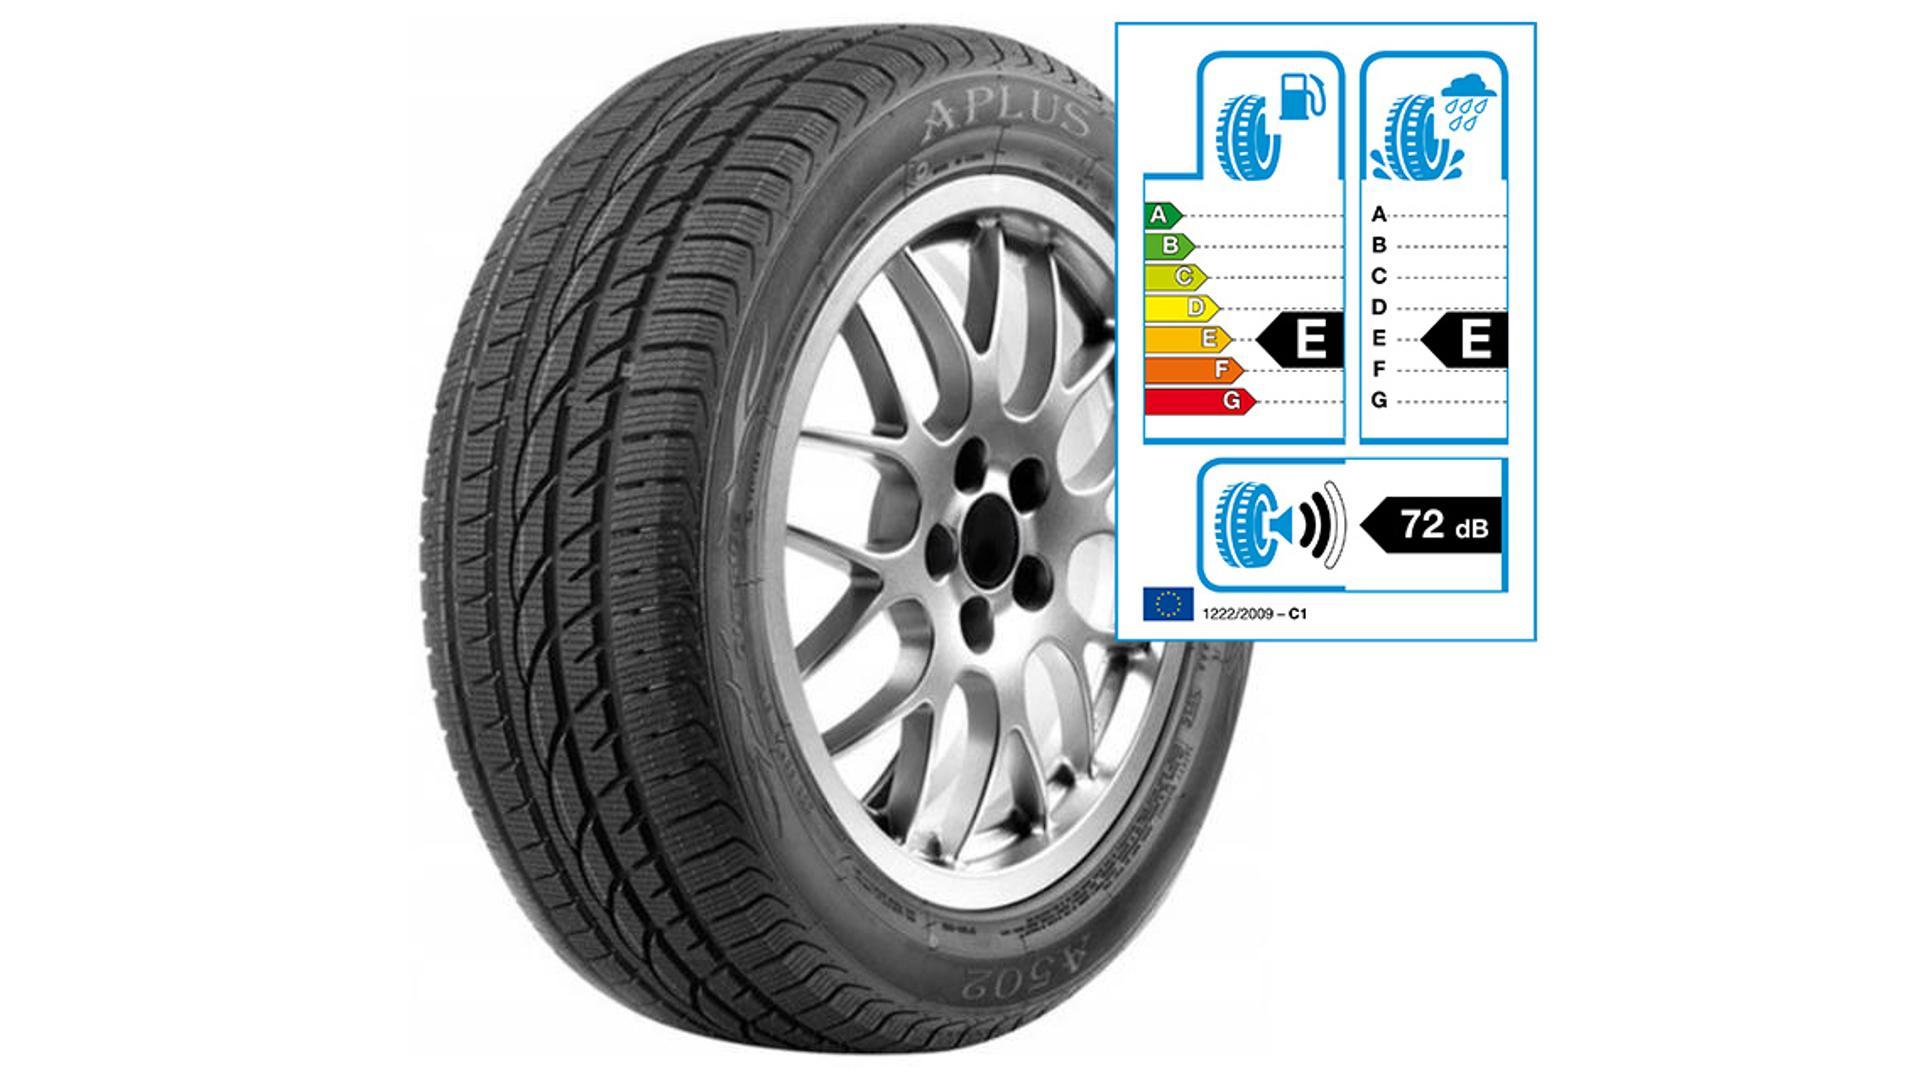 A502 Zimná pneumatika 235/45R18 98HXL